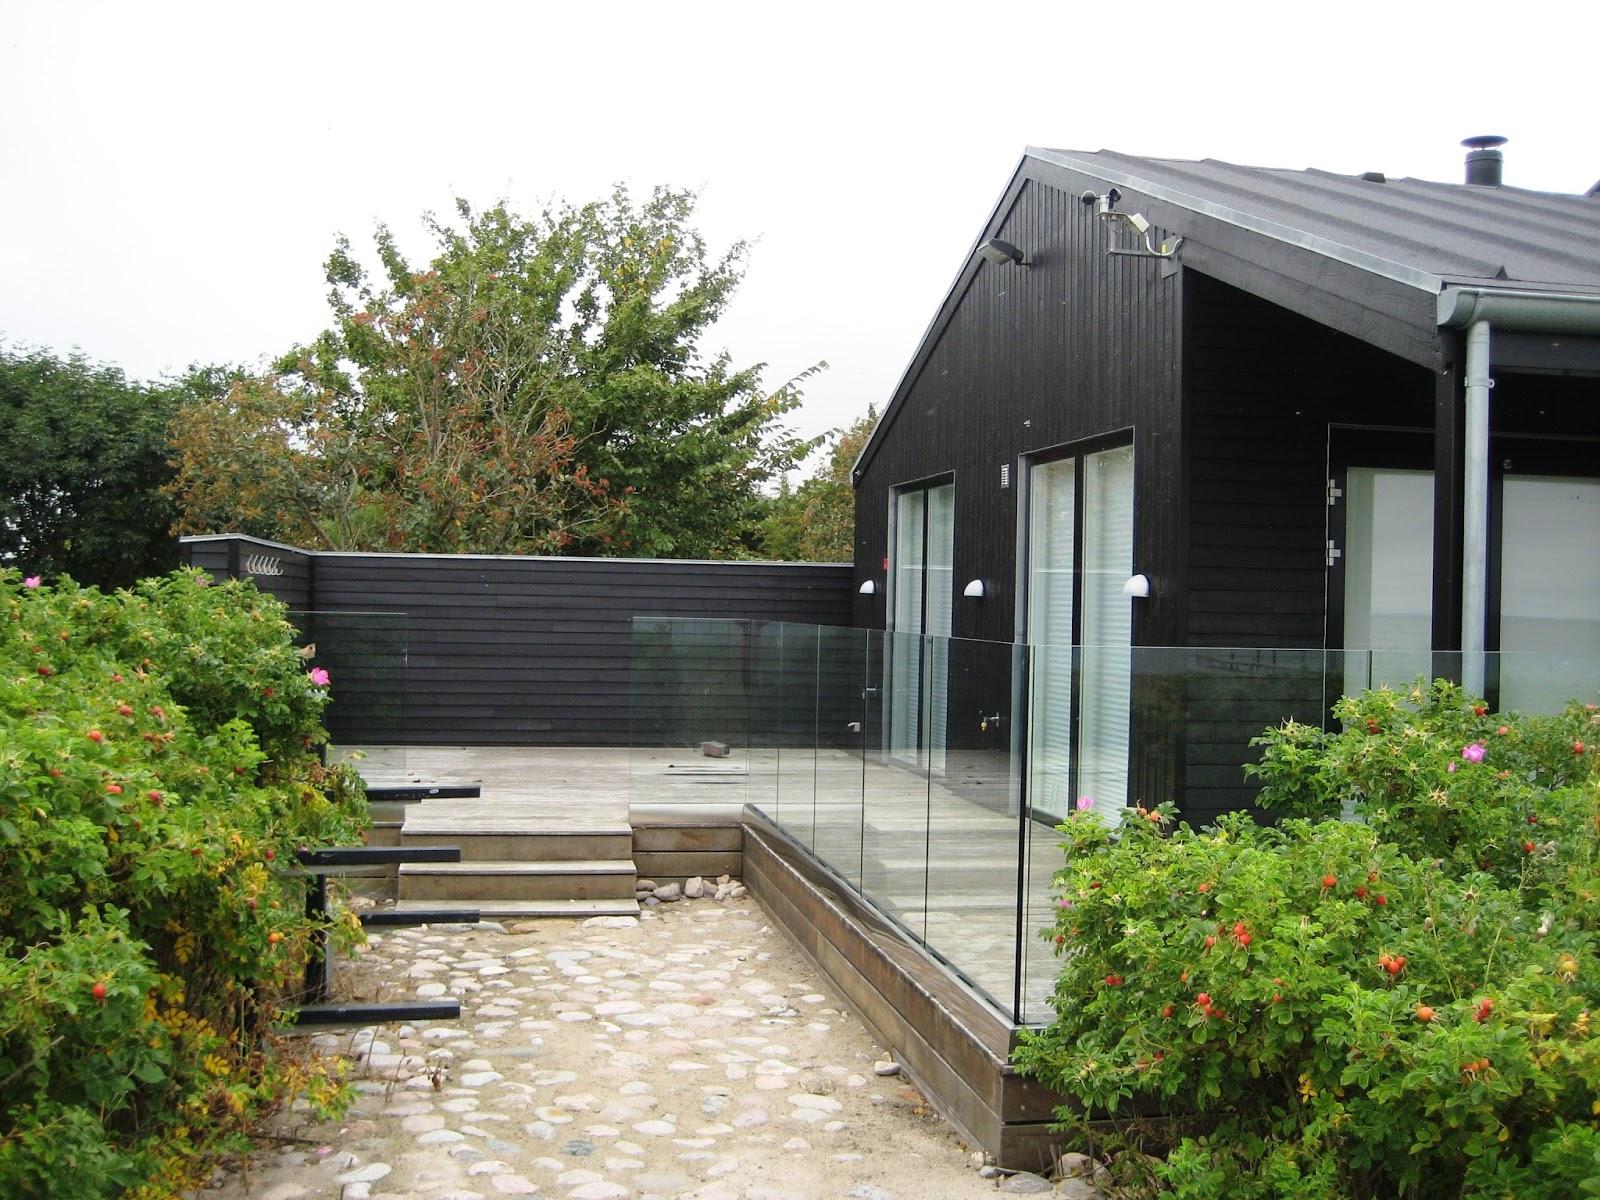 altan glas glasindd kning glasv rn crystalline type b terrasse glas. Black Bedroom Furniture Sets. Home Design Ideas